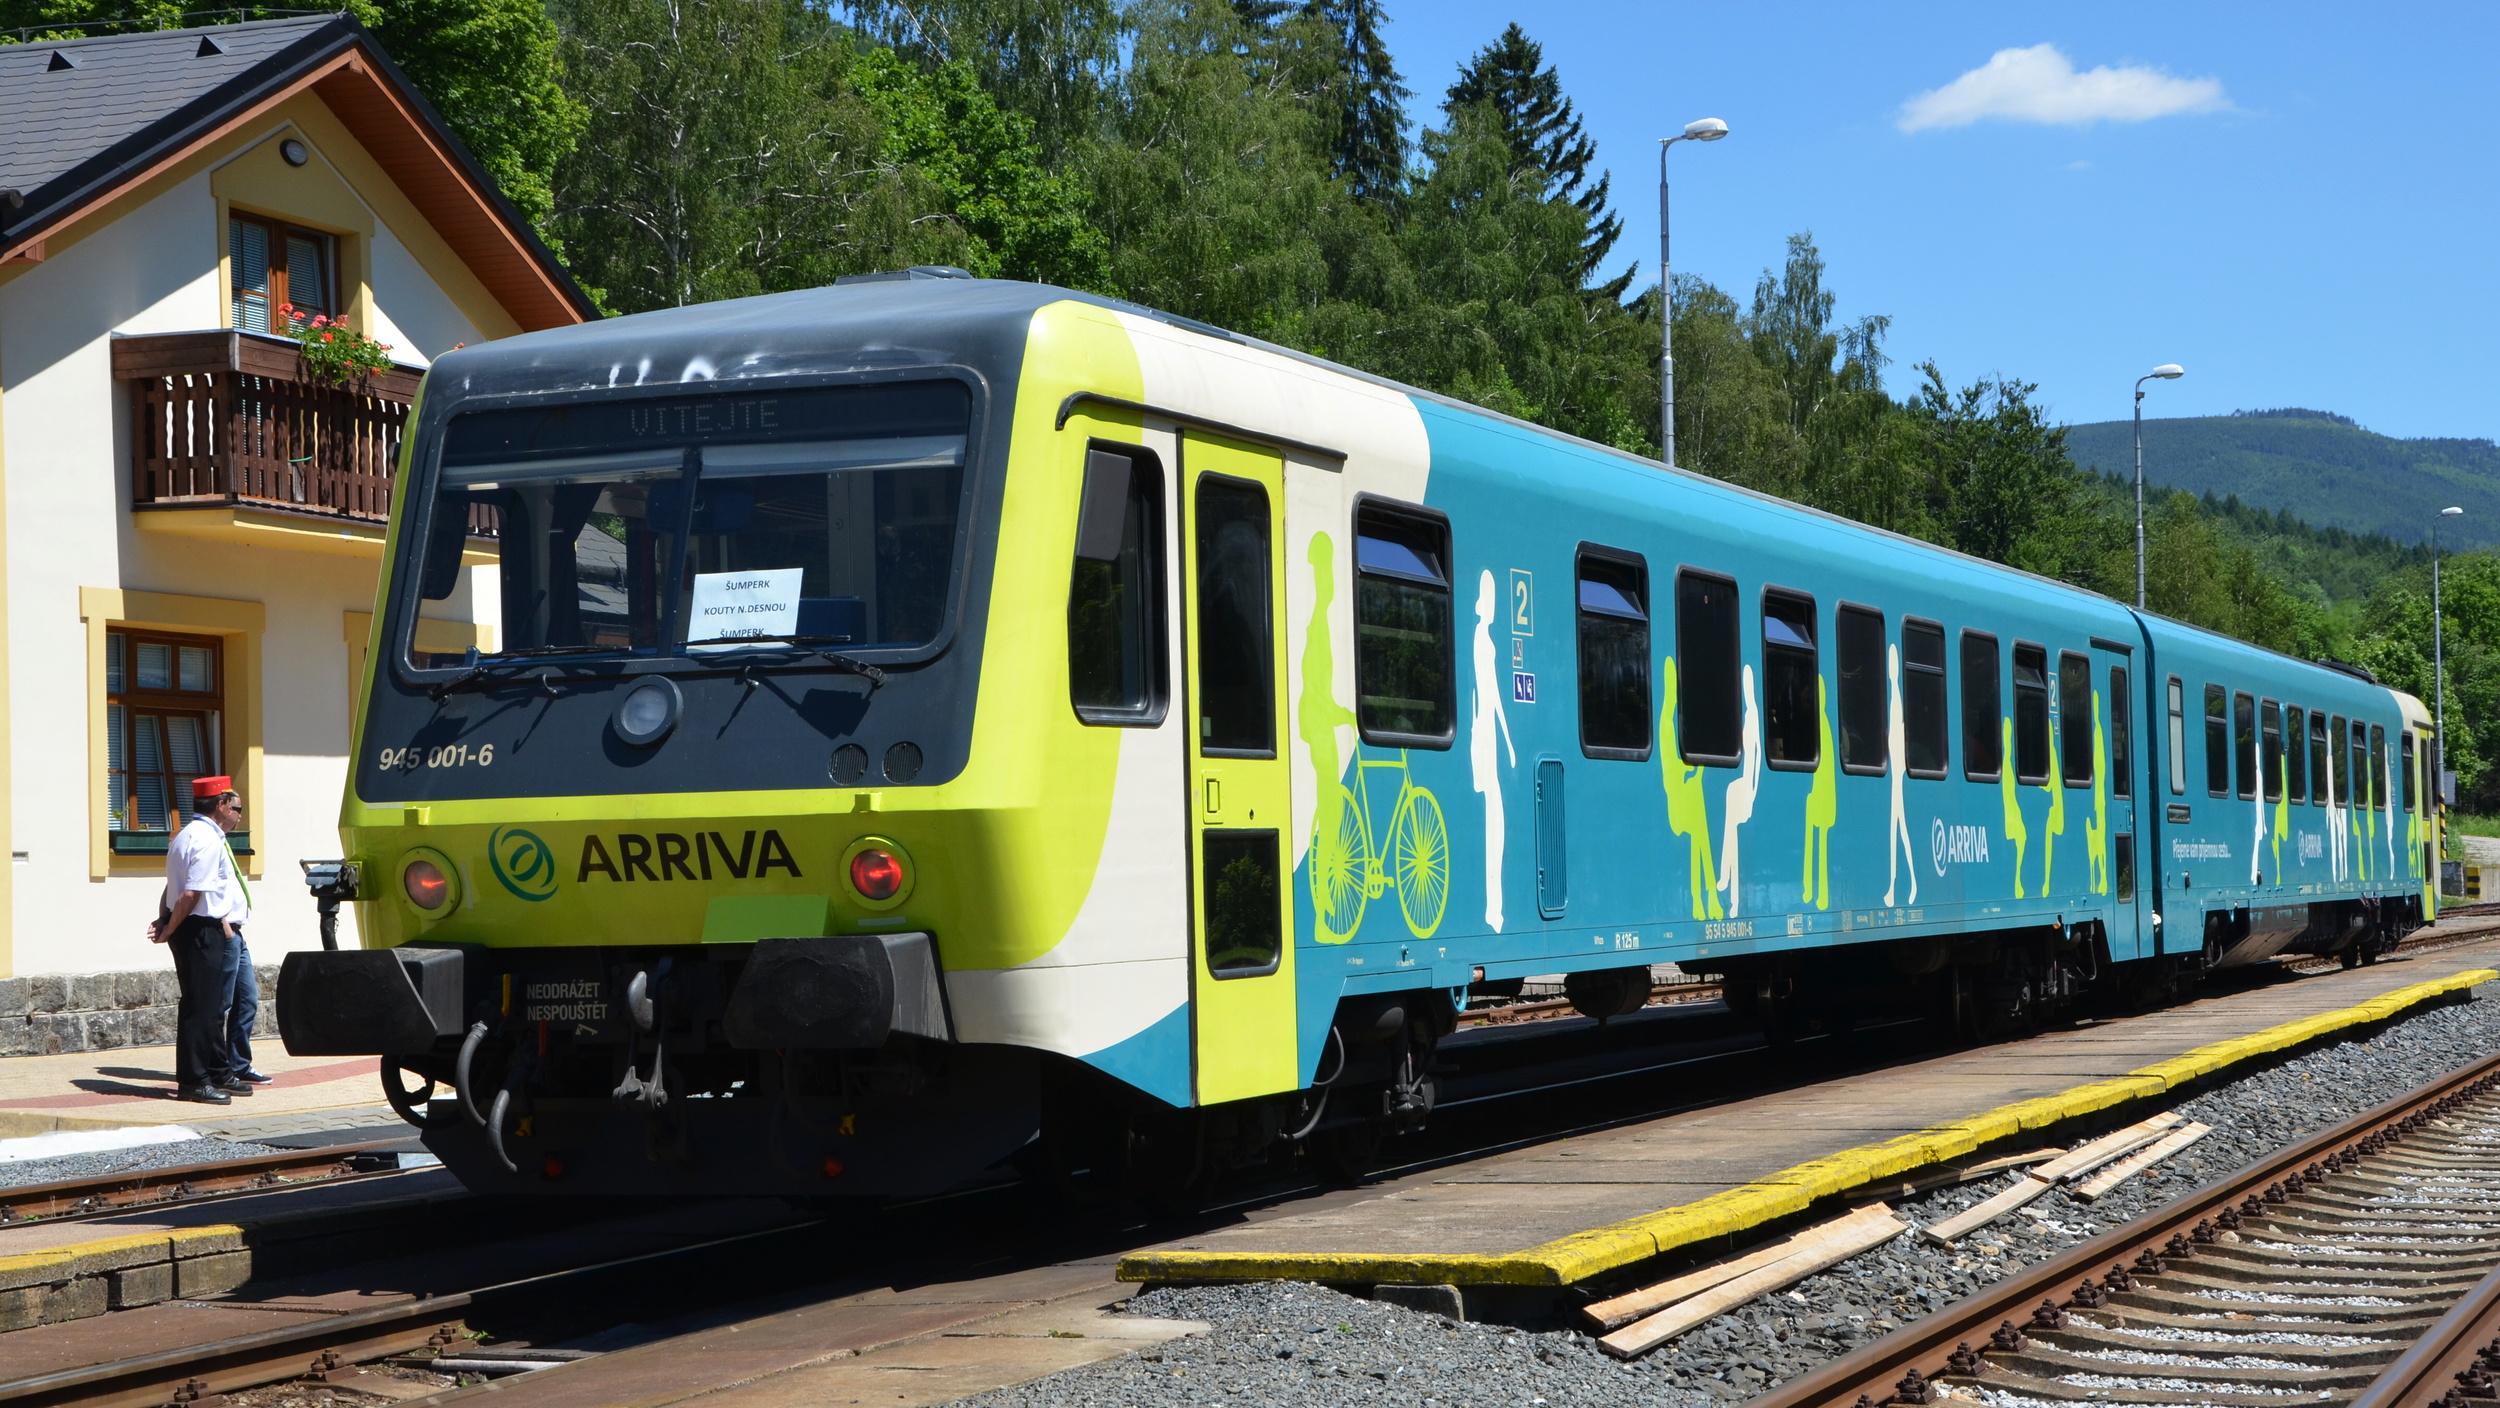 Jednotka řady 845 dopravce Arriva. (foto: Arriva)